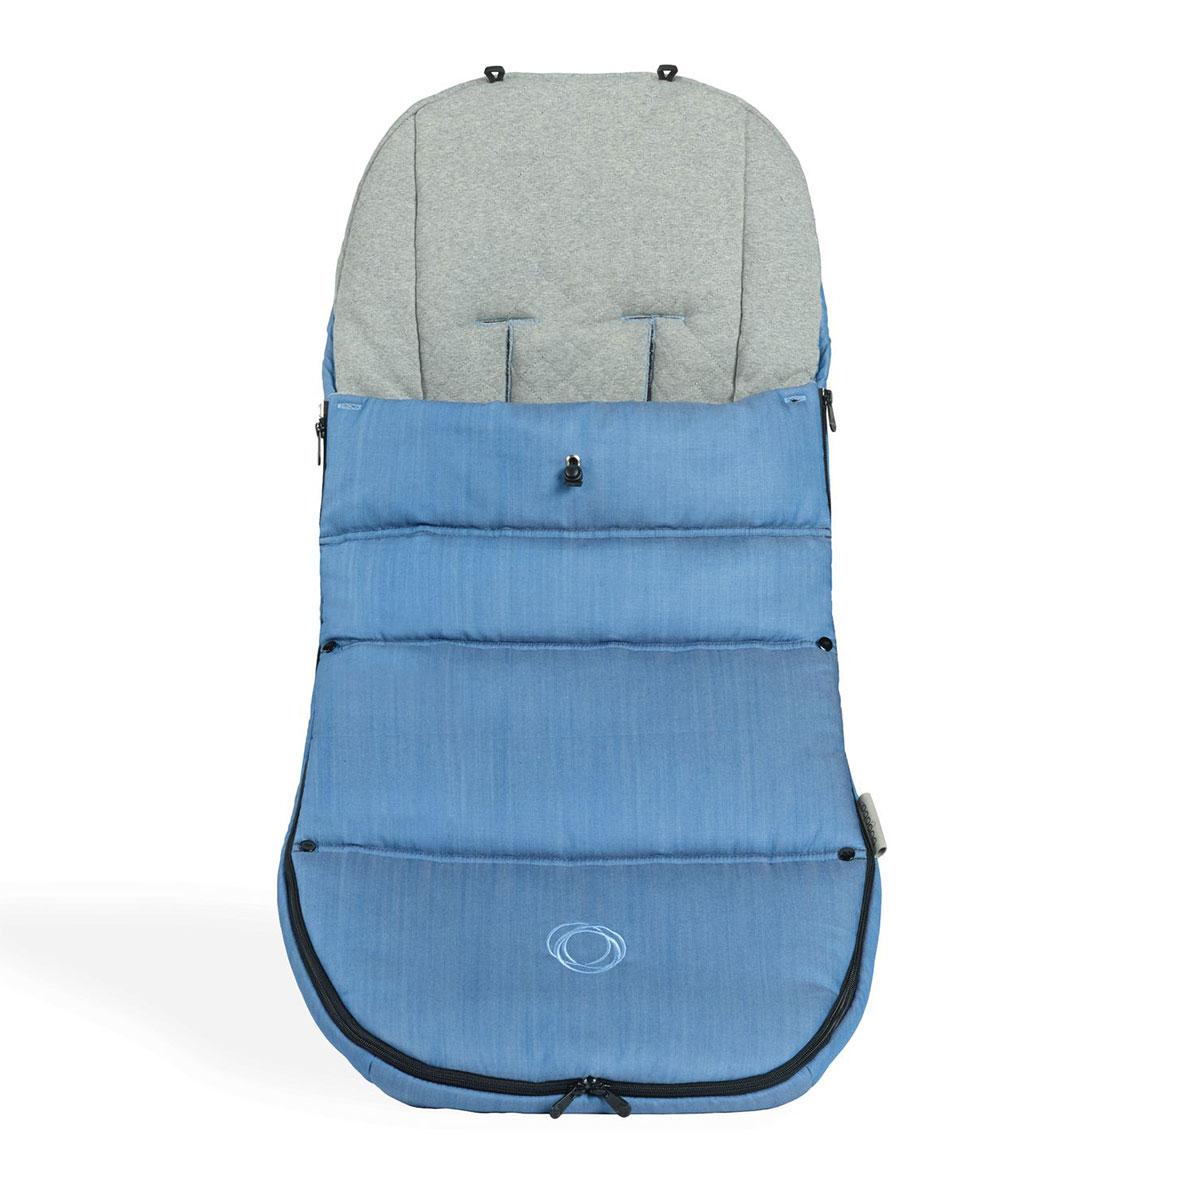 Bugaboo saco de silla edici n especial blend - Sacos para sillas de paseo bugaboo ...